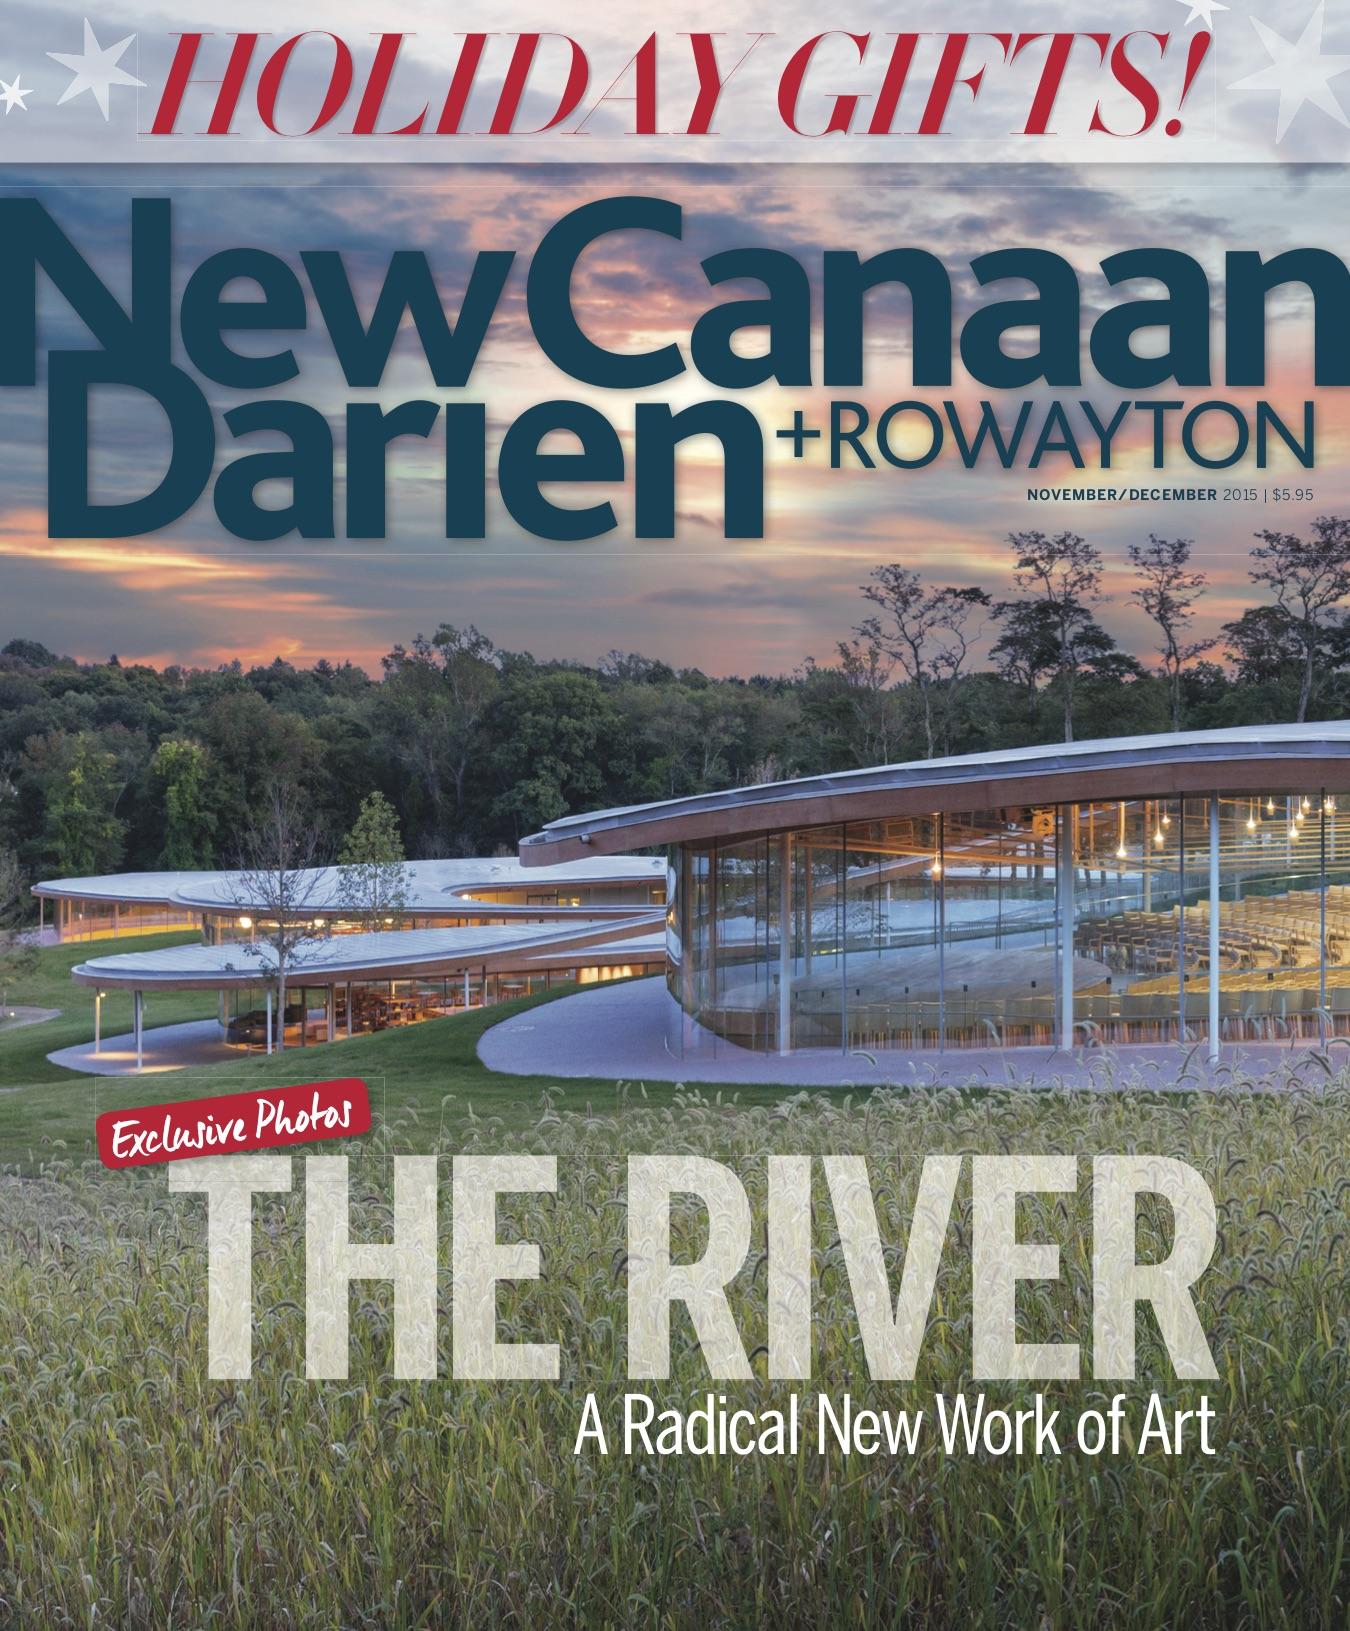 NEW CANAAN, DARIEN, ROWAYTON DEC 2015